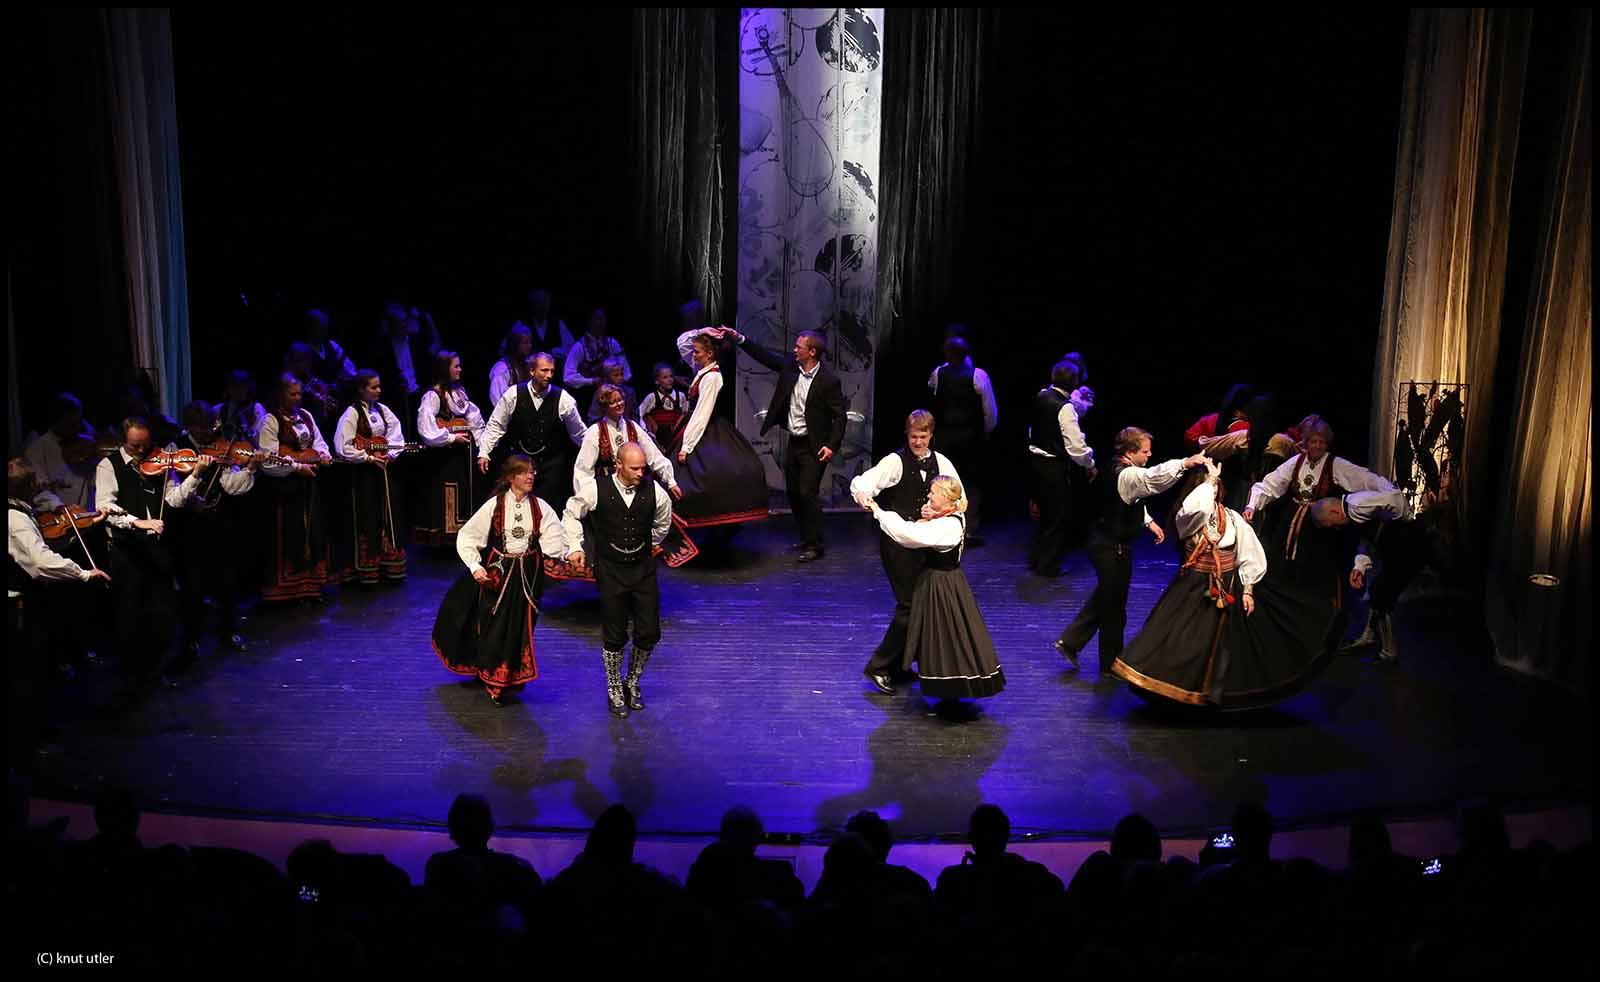 Opningskonsert Telemarkfestivalen